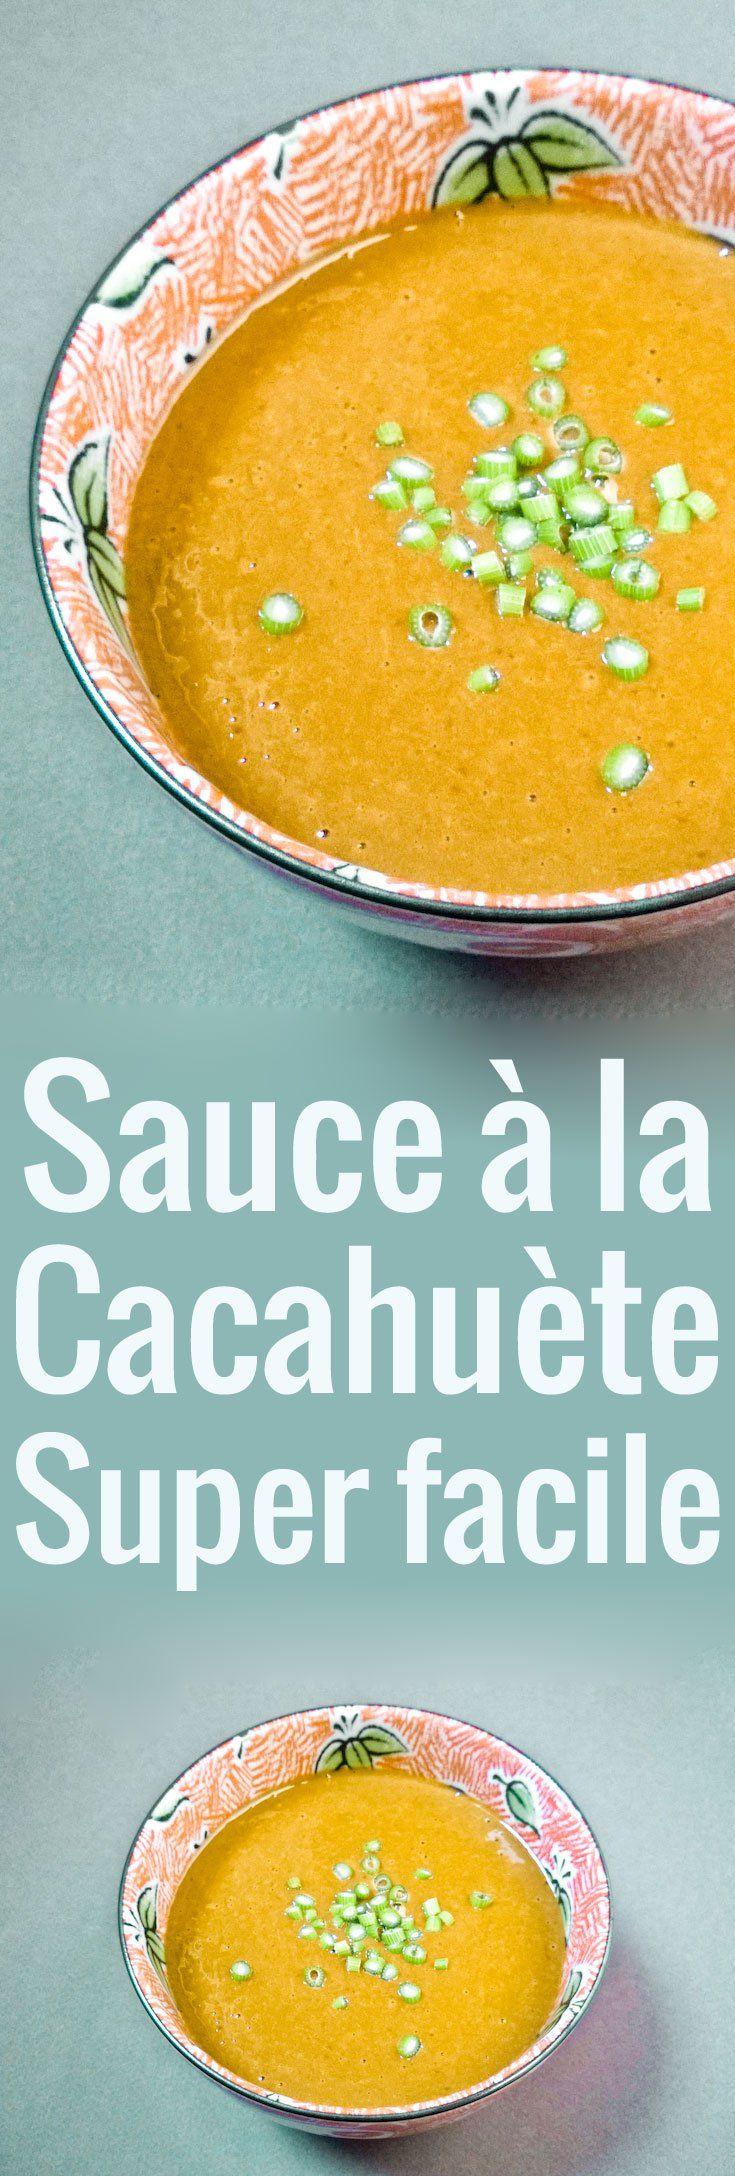 Une recette facile pour une sauce à la cacahuète délicieuse, à garder sous la main pour en mettre un peu partout : nouilles, légumes, viandes et poissons.